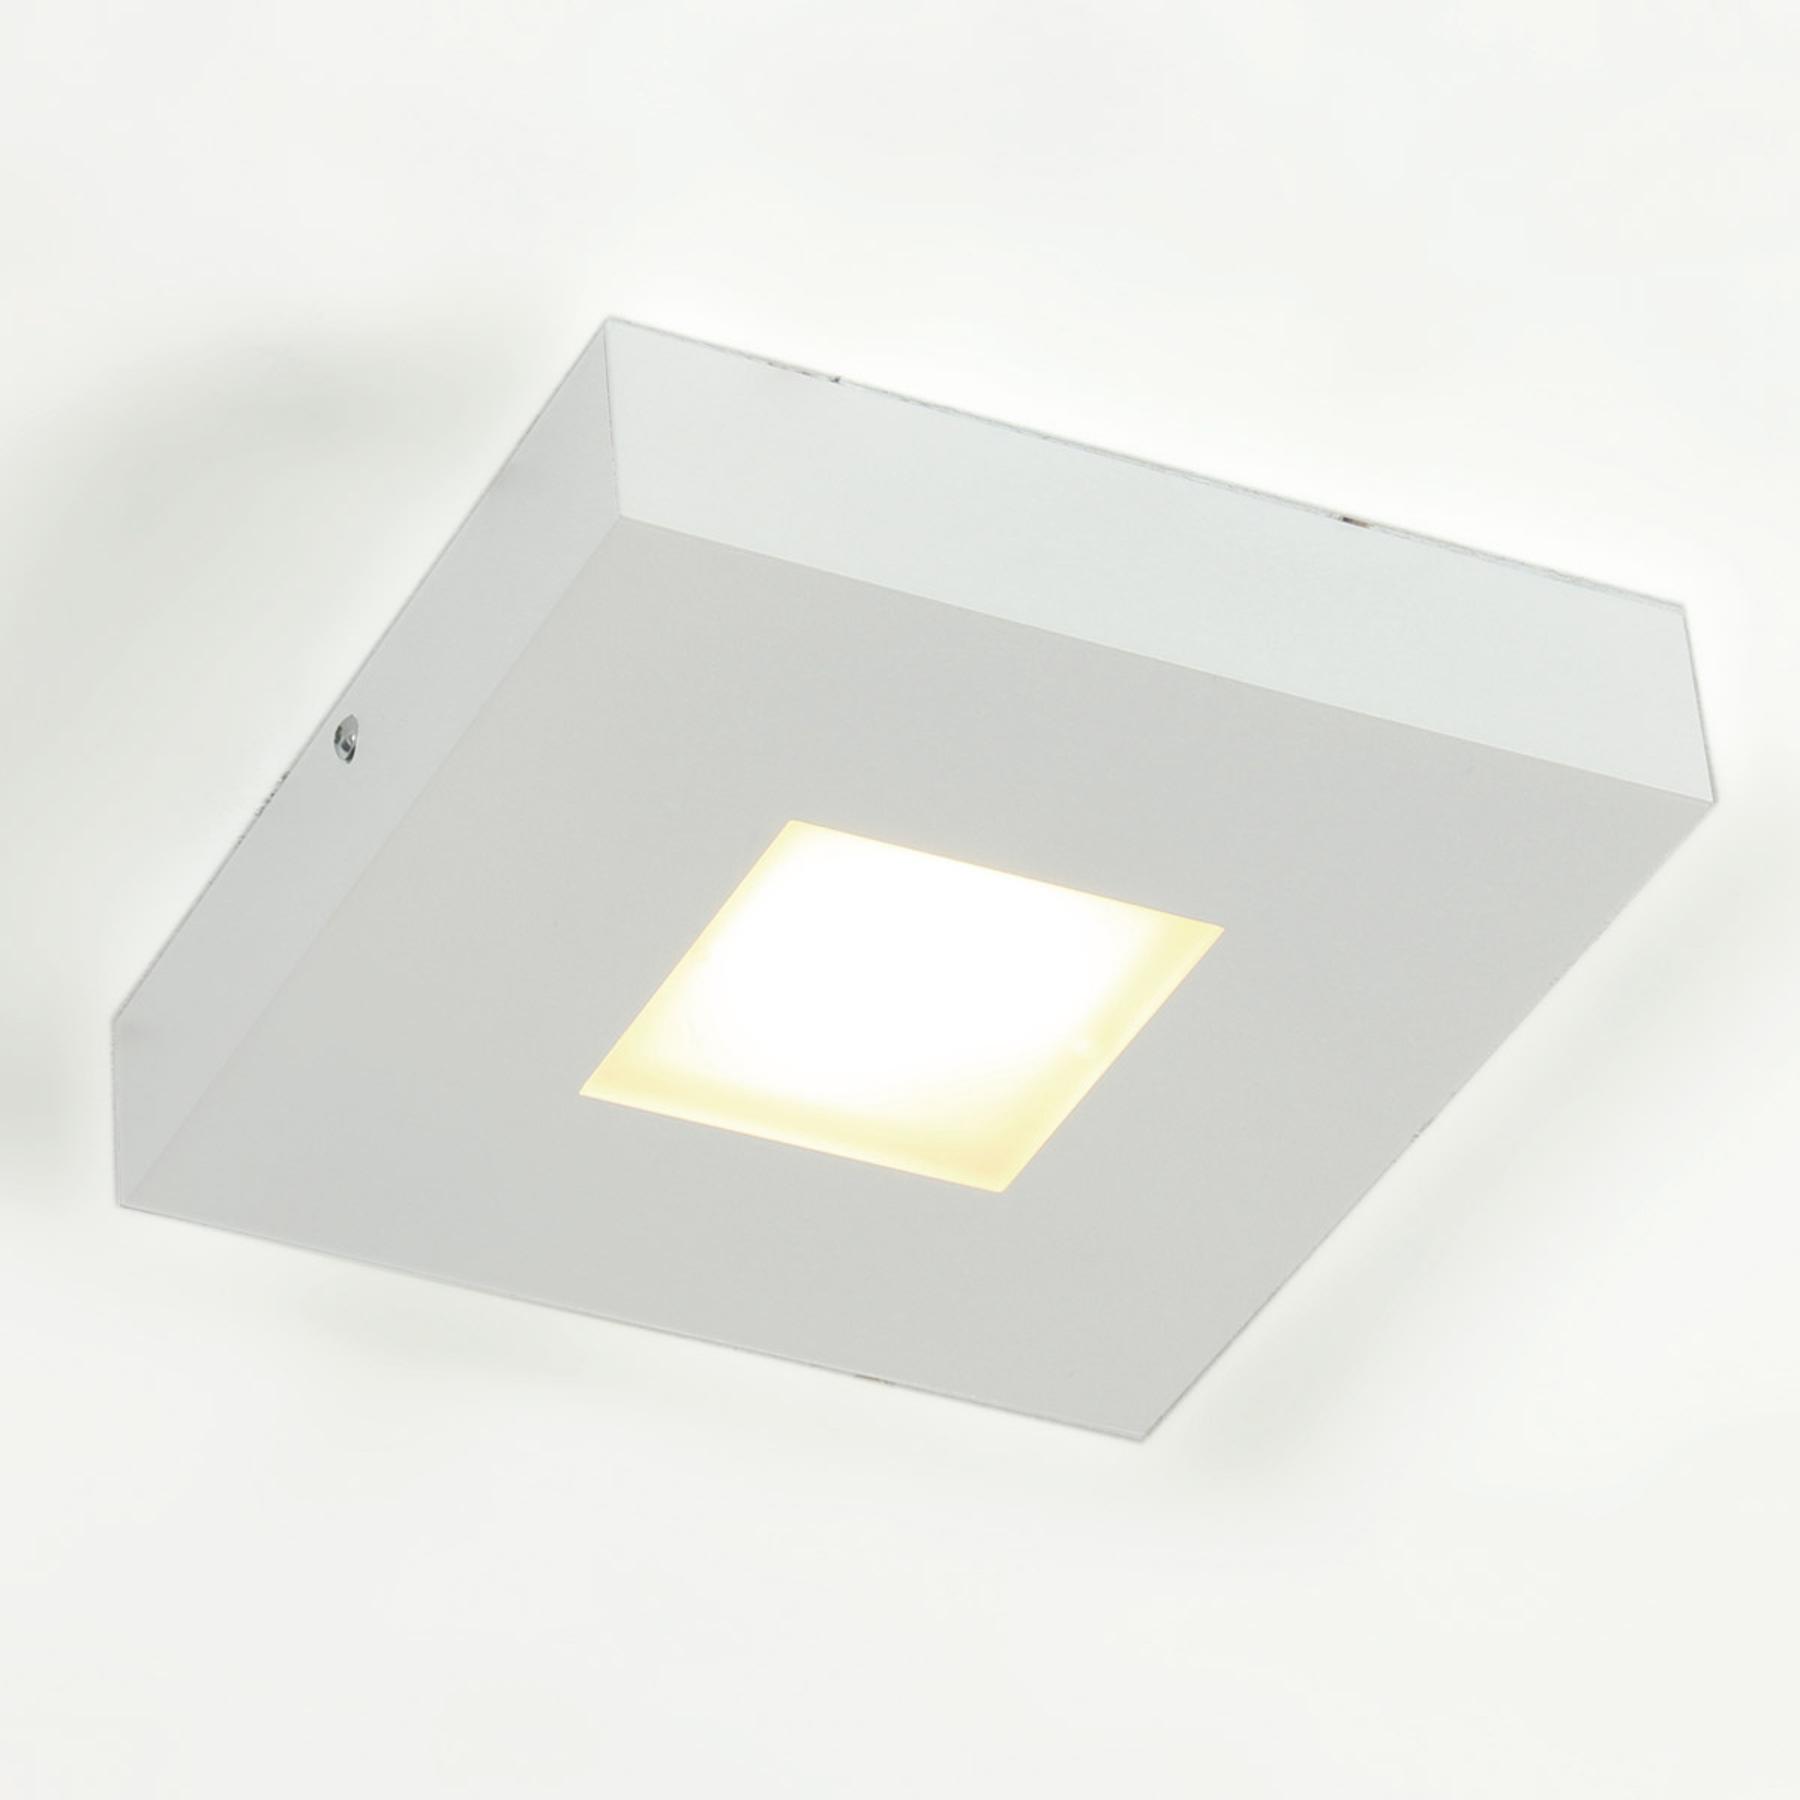 Wysokiej jakości lampa sufitowa LED Cubus, biała